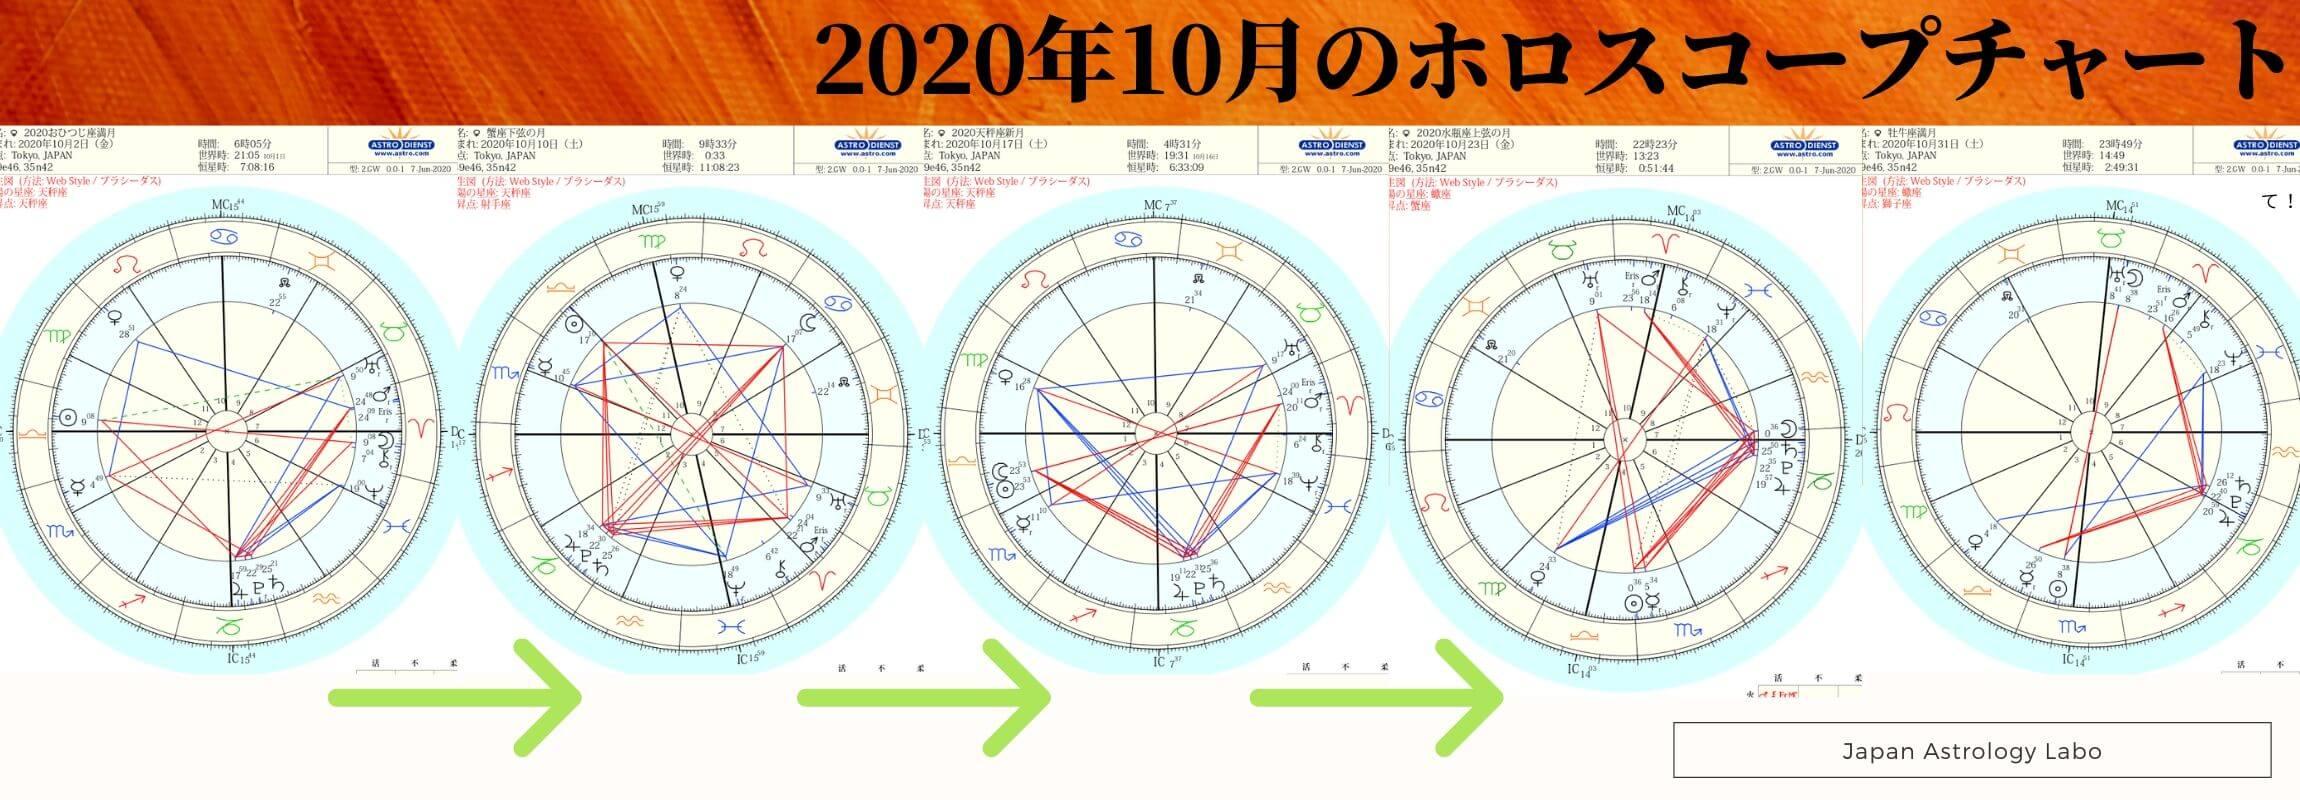 2020年10月のホロスコープチャート